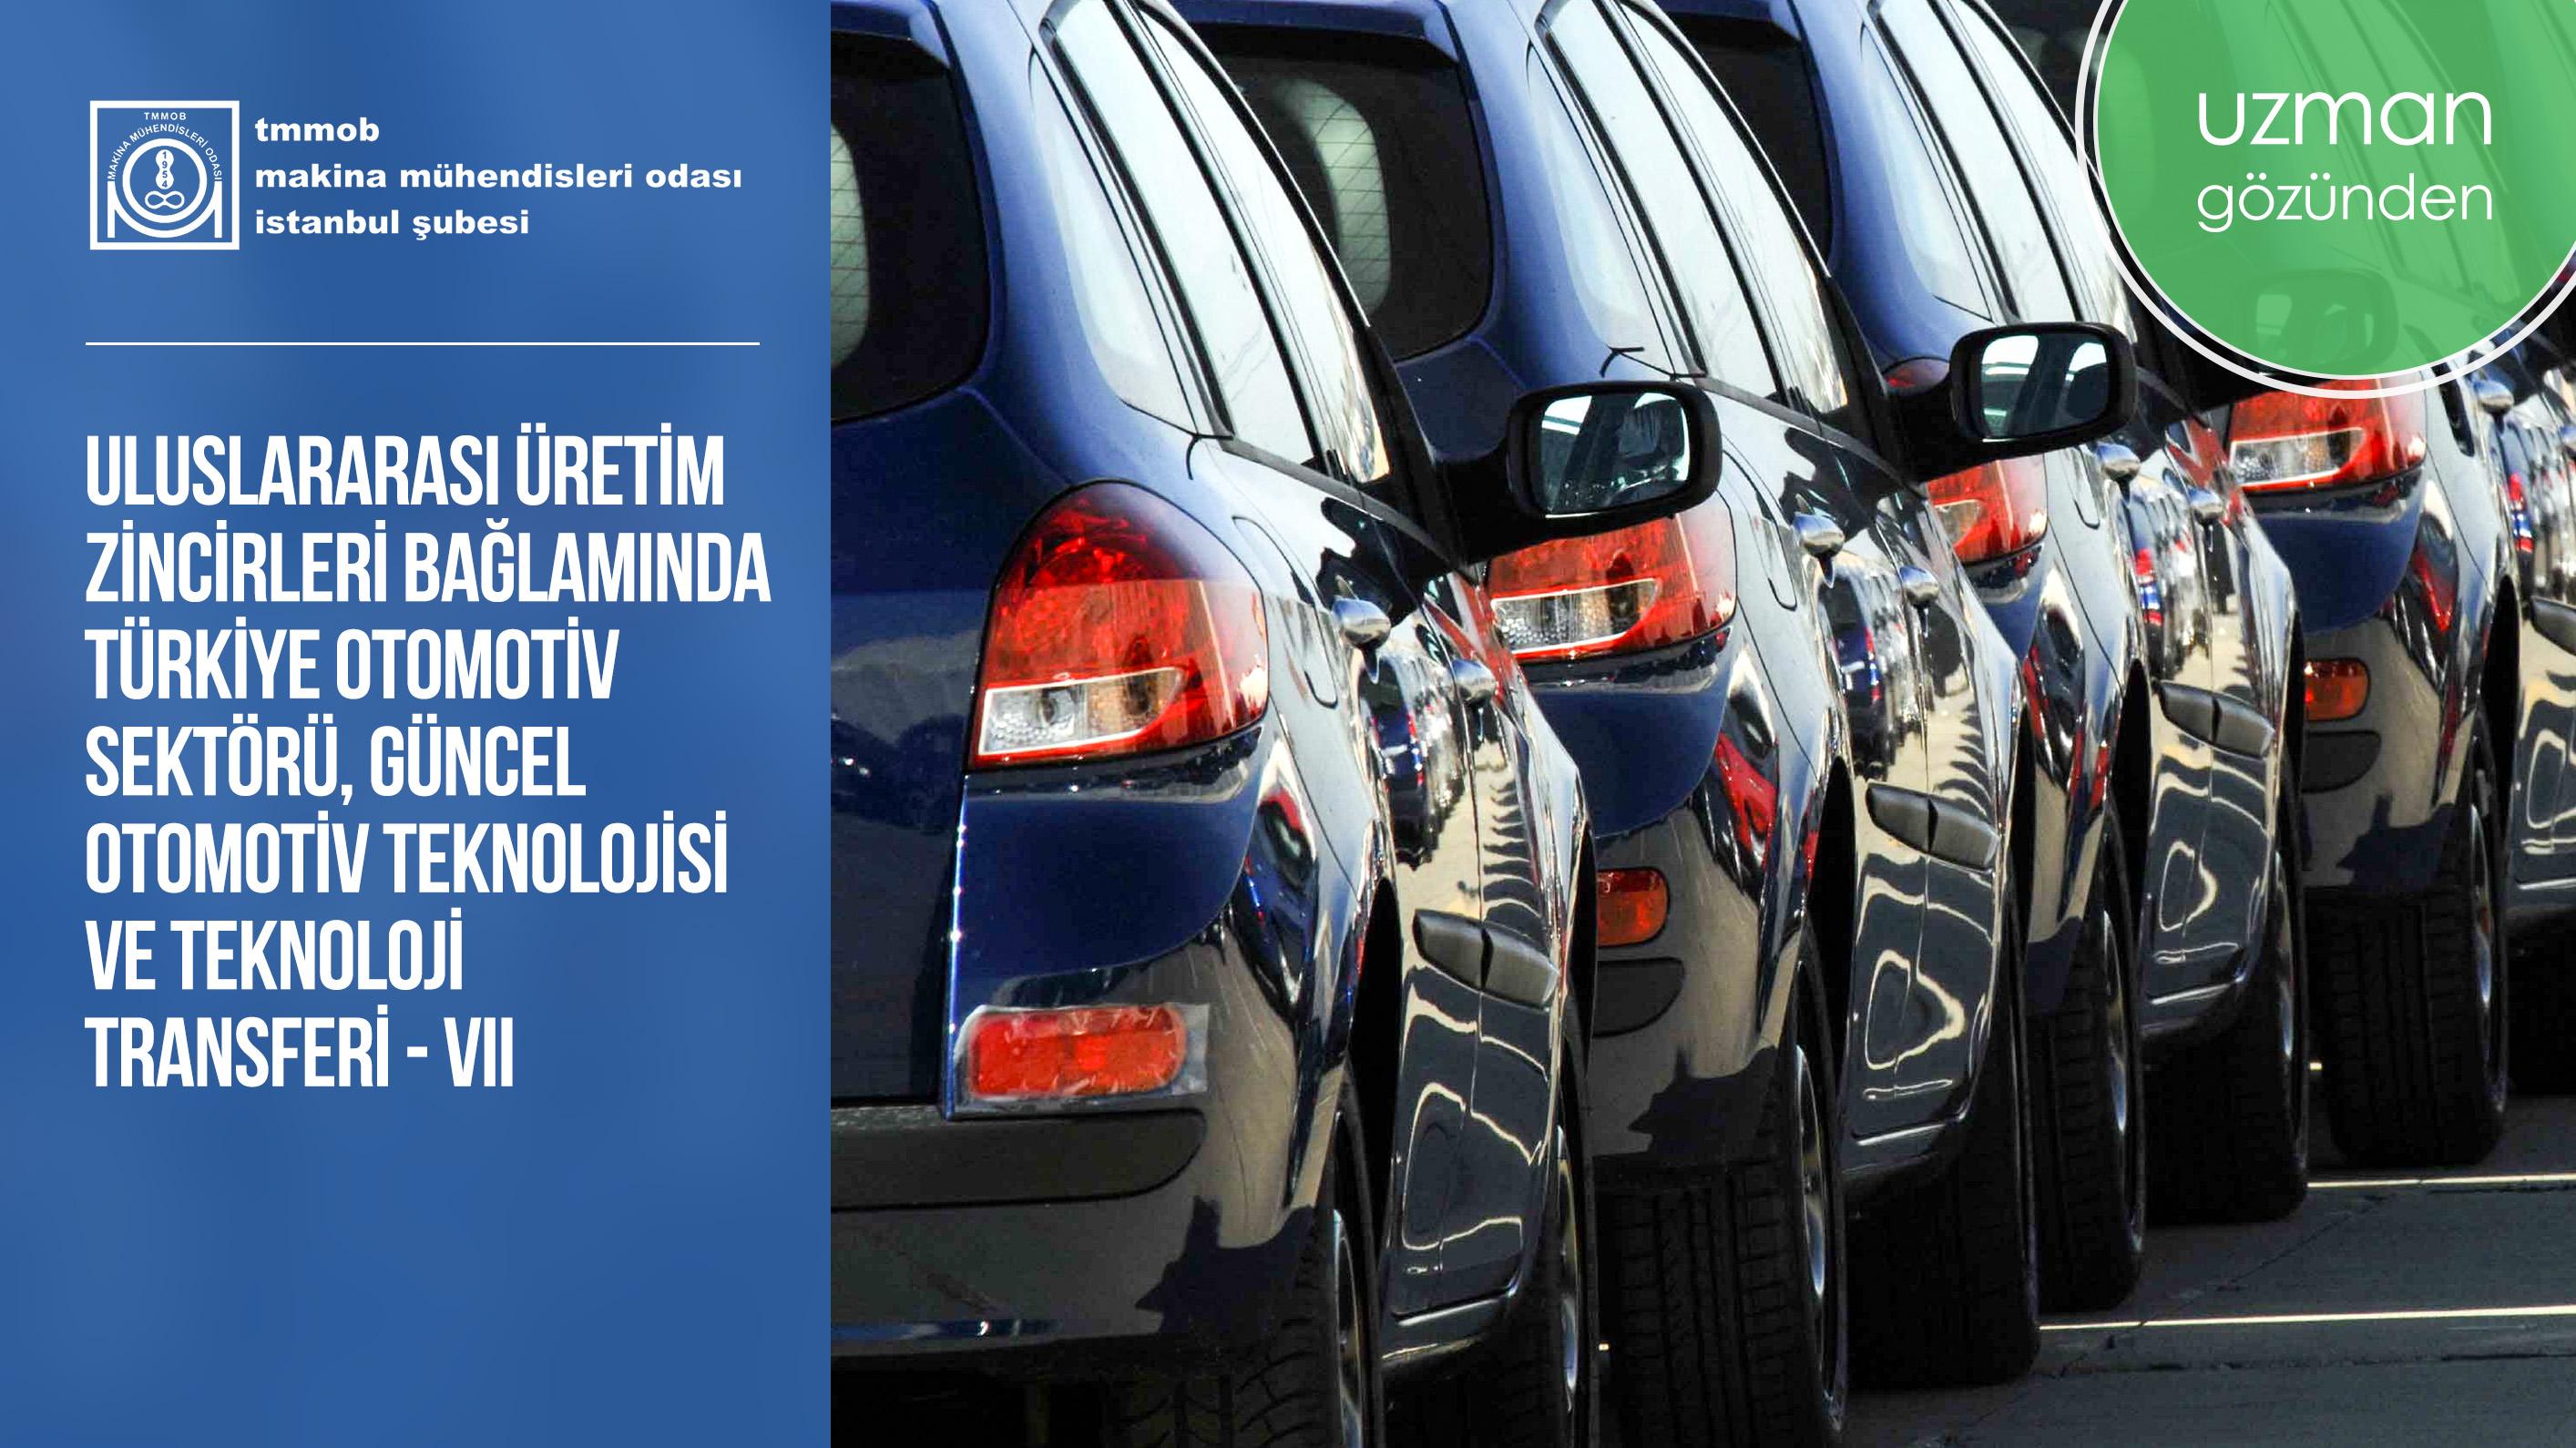 Uluslararası Üretim Zincirleri Bağlamında Türkiye Otomotiv Sektörü, Güncel Otomotiv Teknolojisi ve Teknoloji Transferi-VII